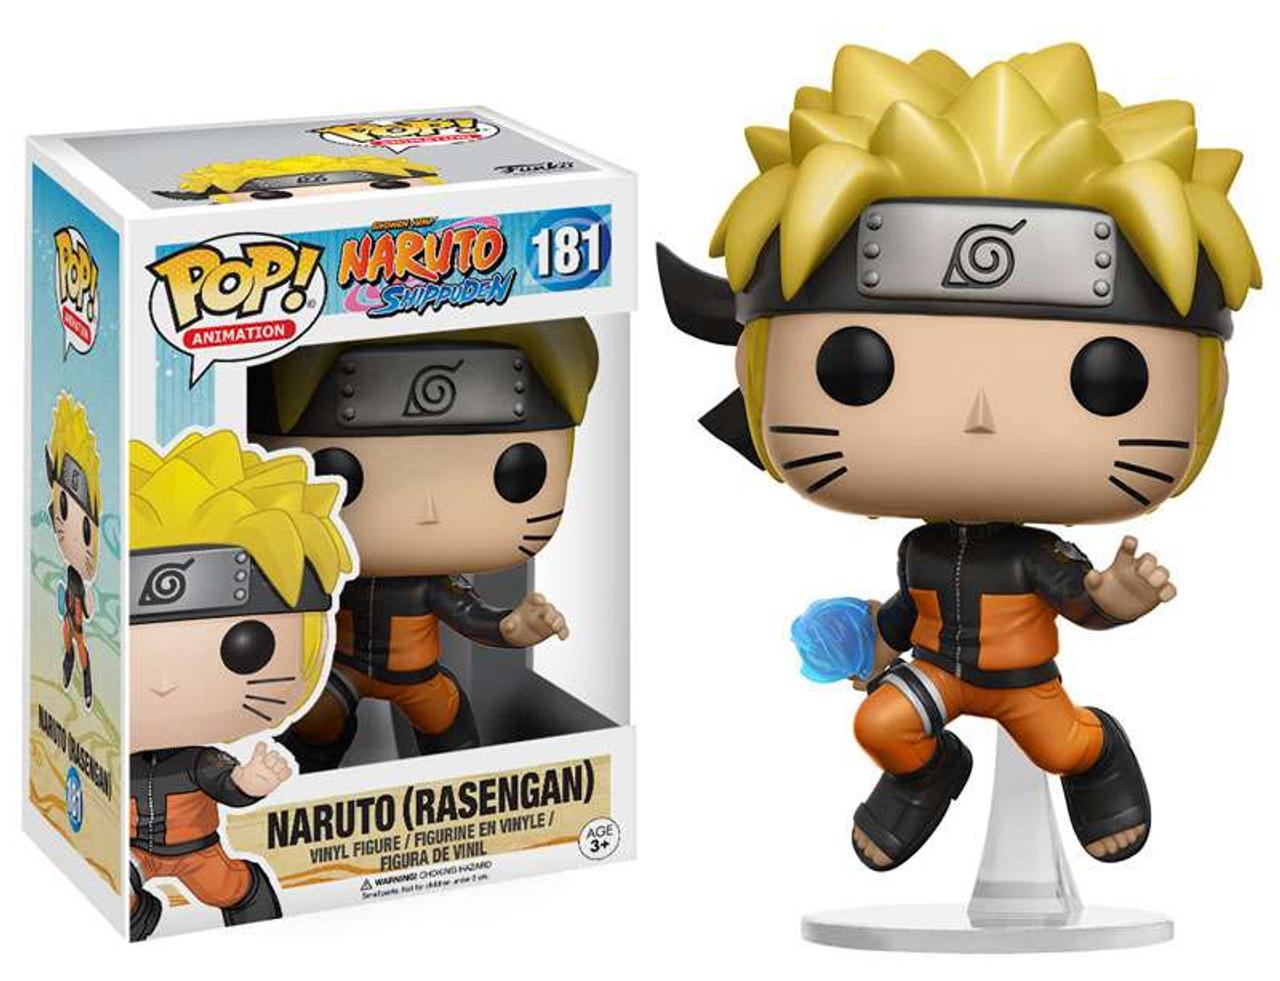 Naruto Naruto Action Figure Funko POP Anime